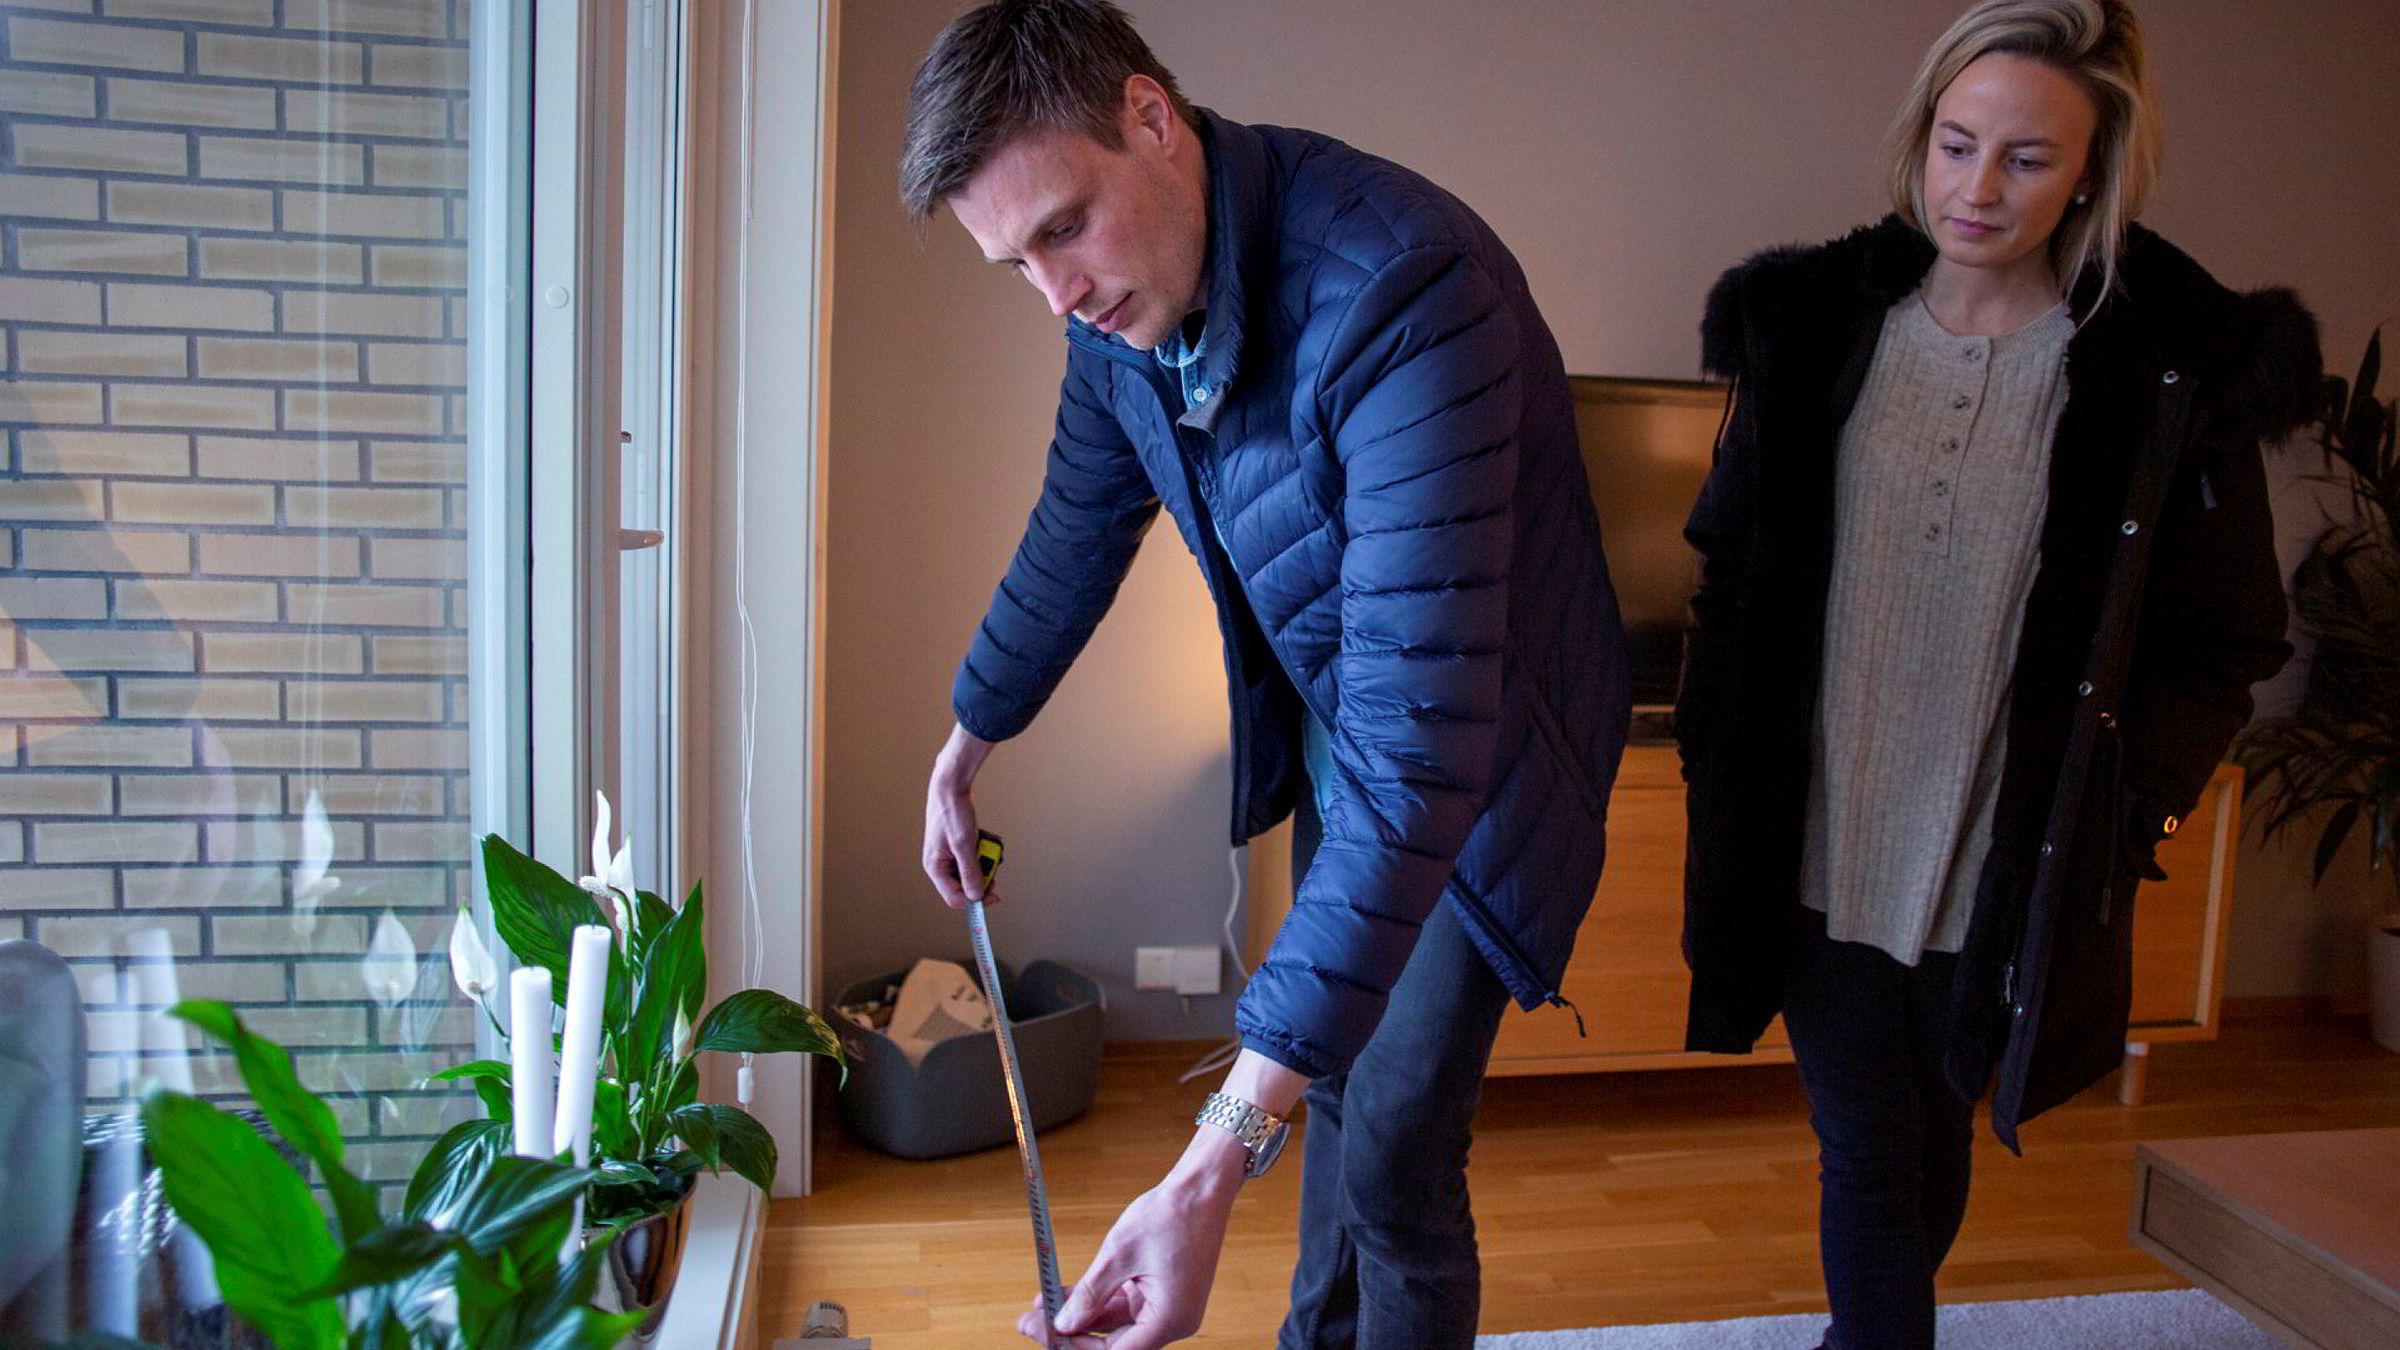 Målene må stemme. Tina Martinsen og Anders Bjaaland er på visning i en leilighet i Nydalen i Oslo.